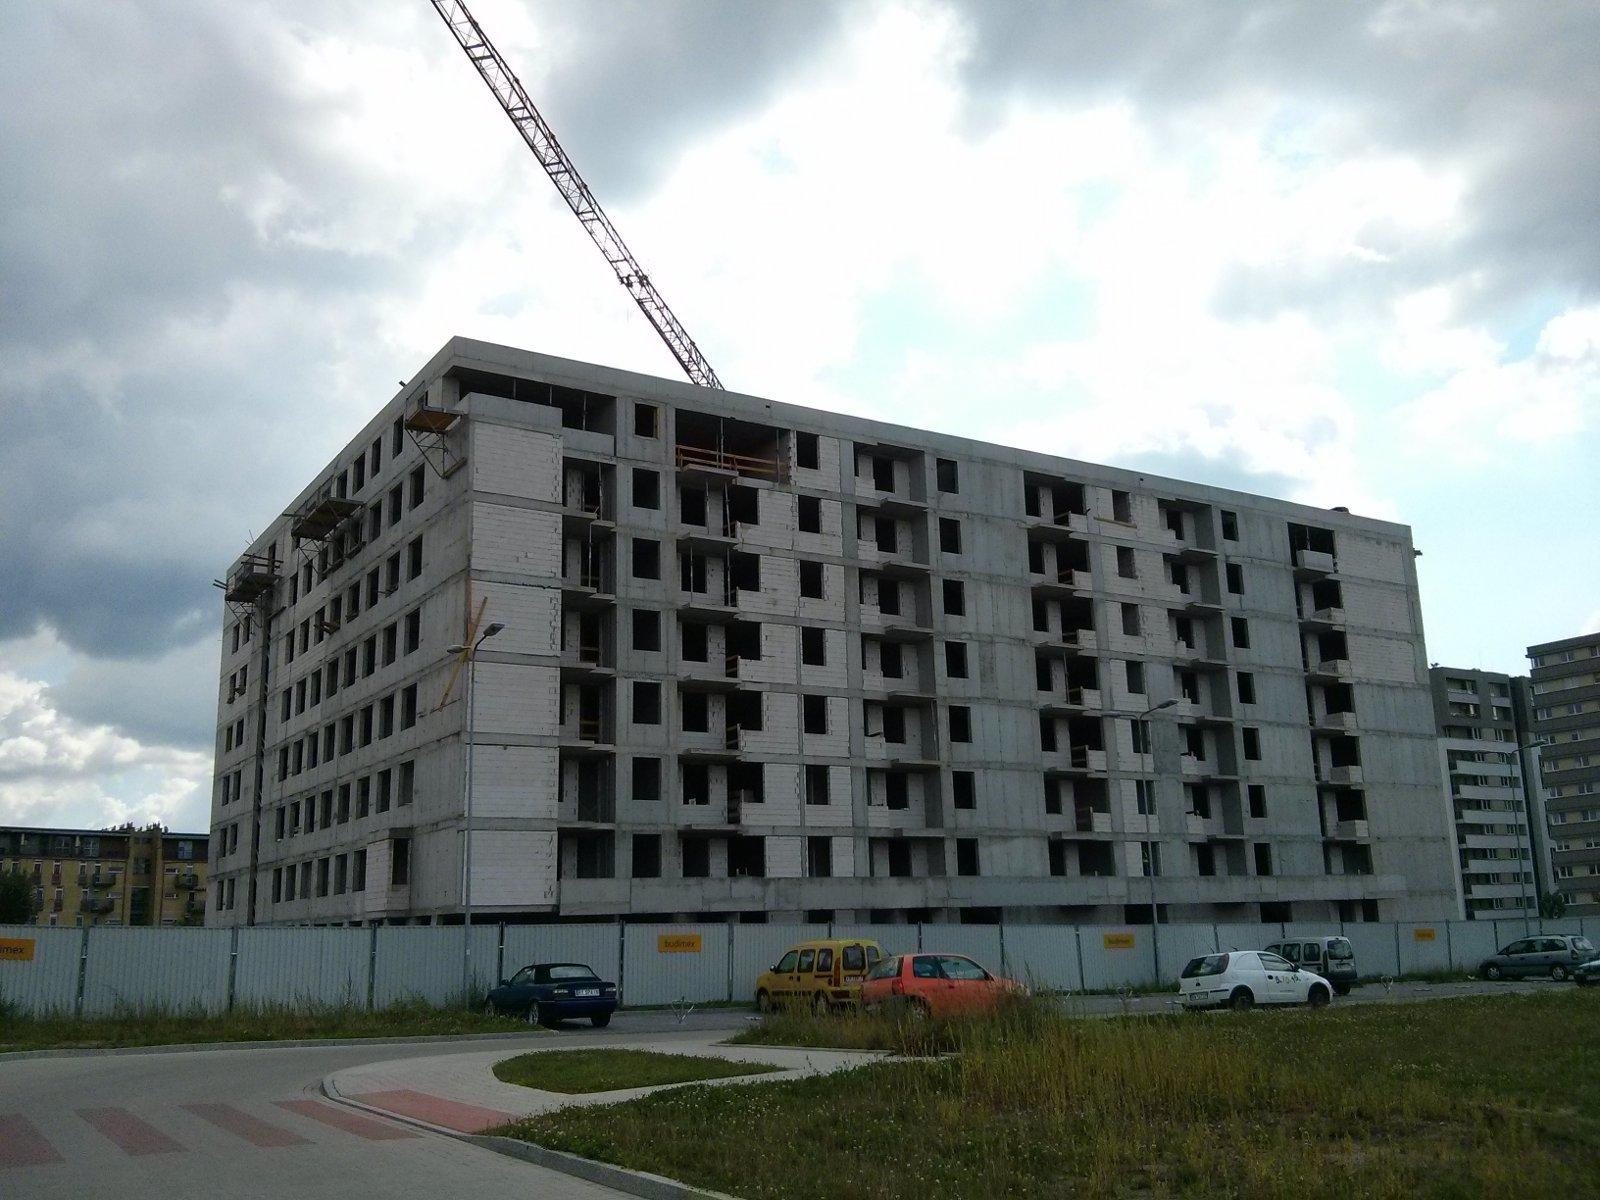 Budowa osiedla Avia w nowych Czyżynach